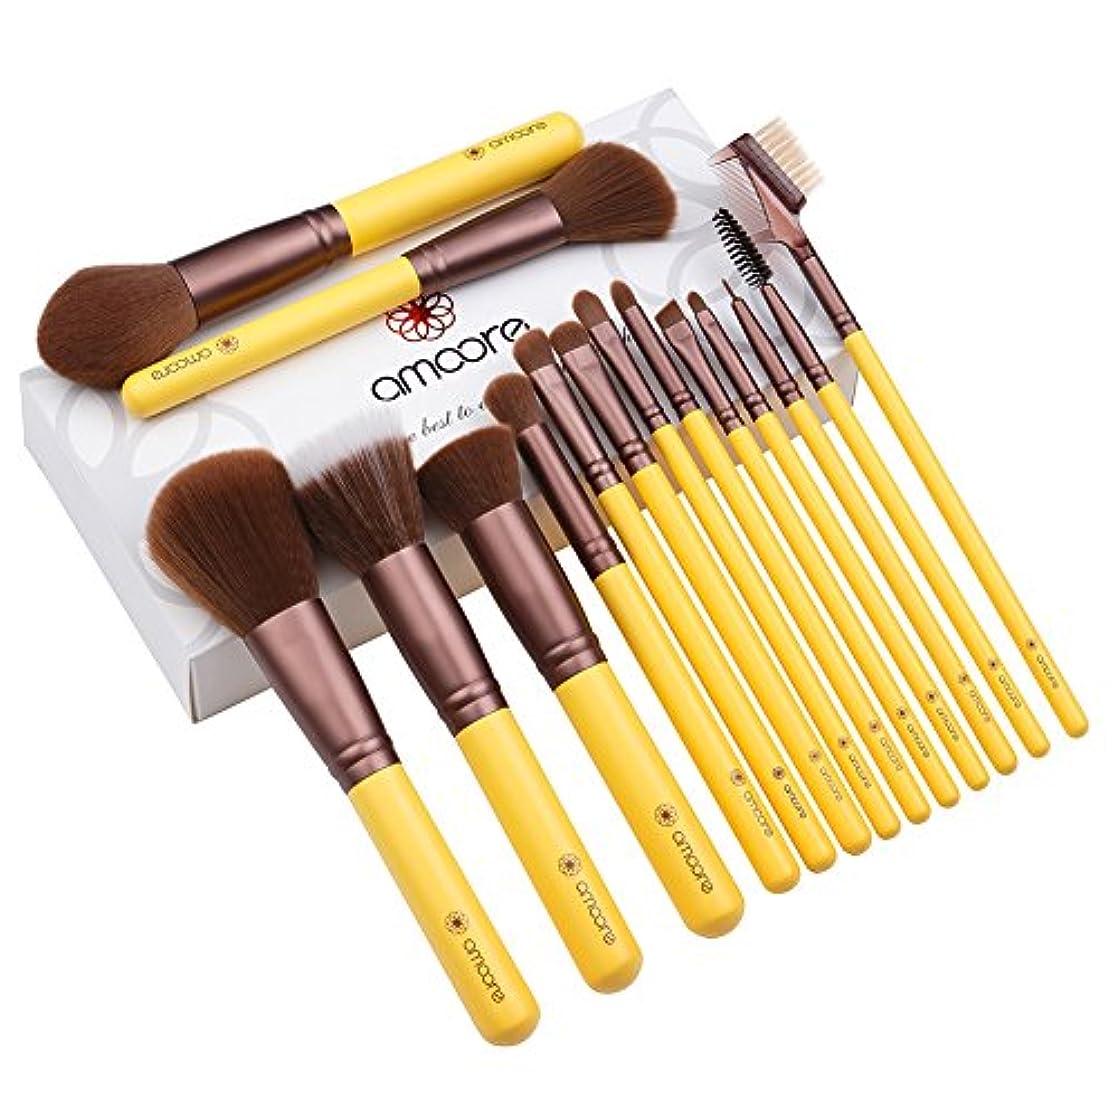 協力する受付他の場所amoore 15本 化粧筆 メイクブラシセット コスメ ブラシ 化粧ブラシ (15本, イエロー)